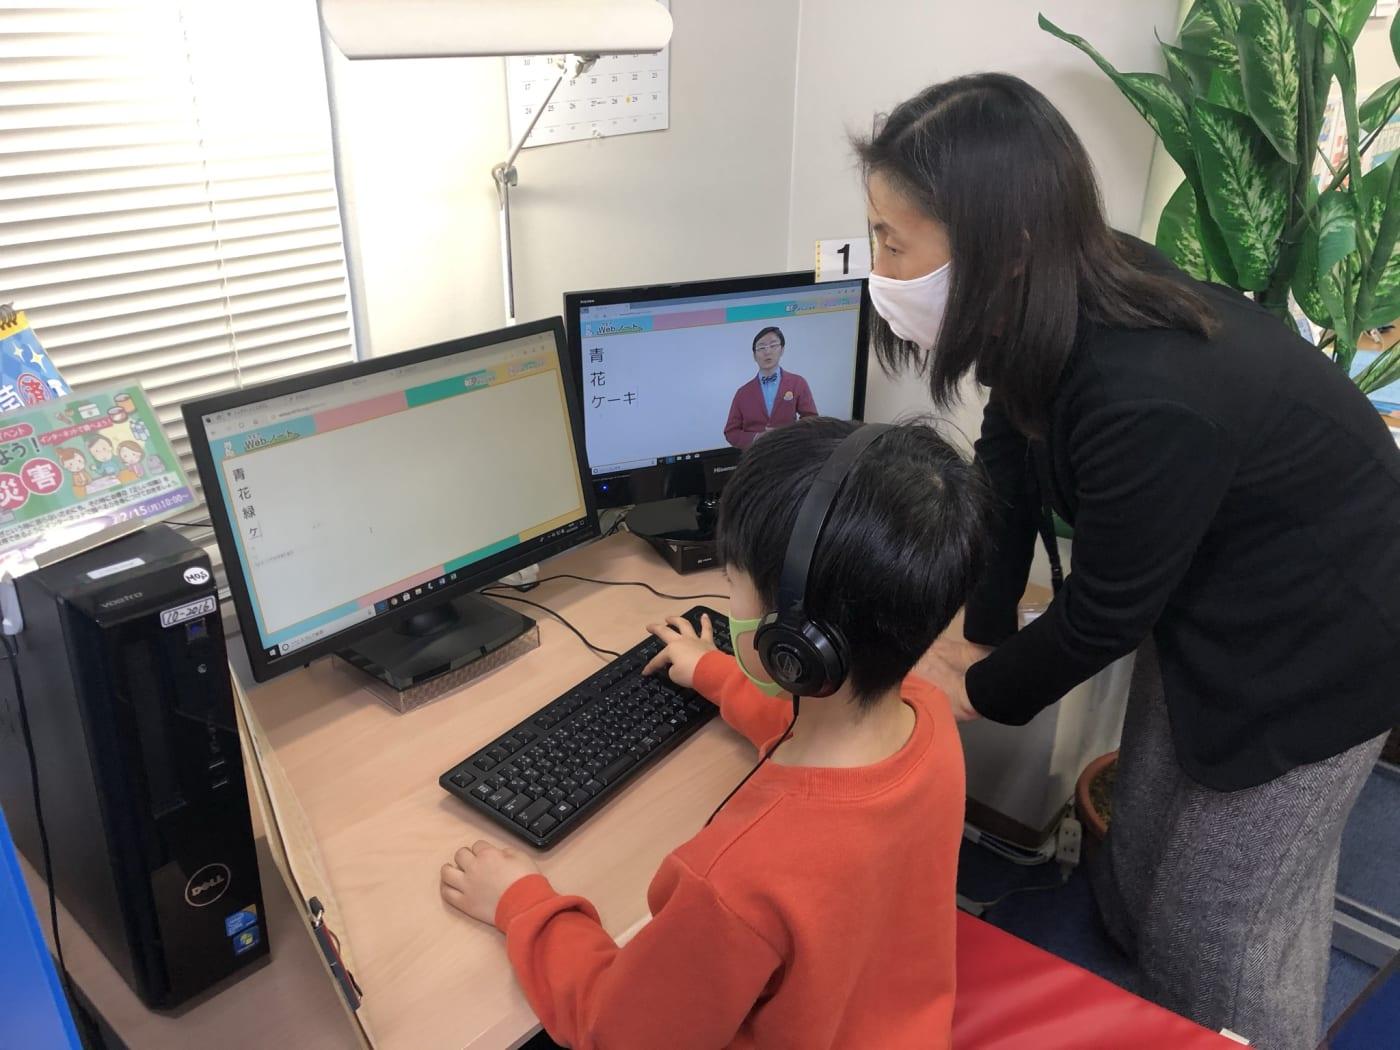 パソコン 教室 タイピング 子ども